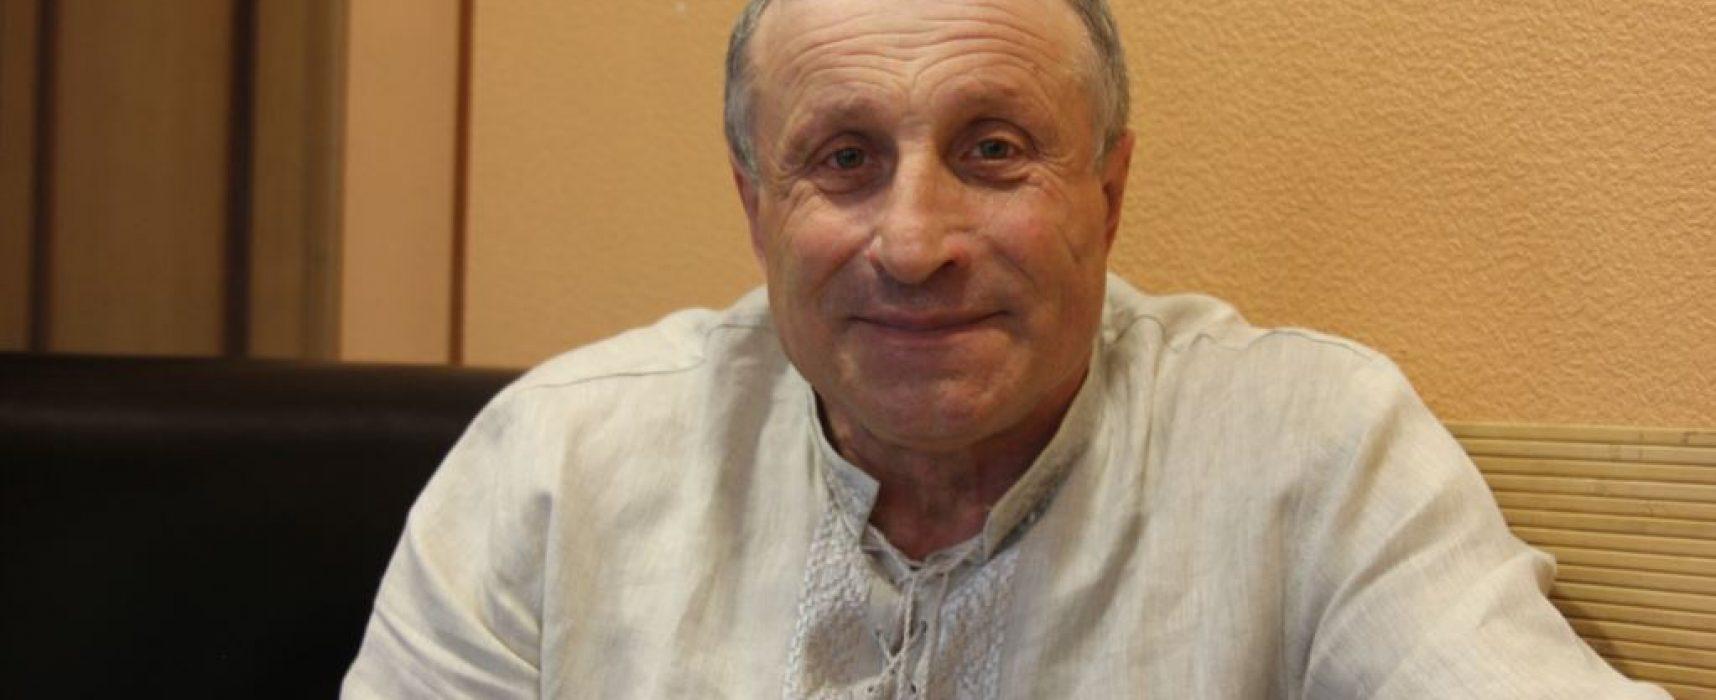 Суд в Симферополе удовлетворил ходатайство по судимости крымского журналиста Николая Семены